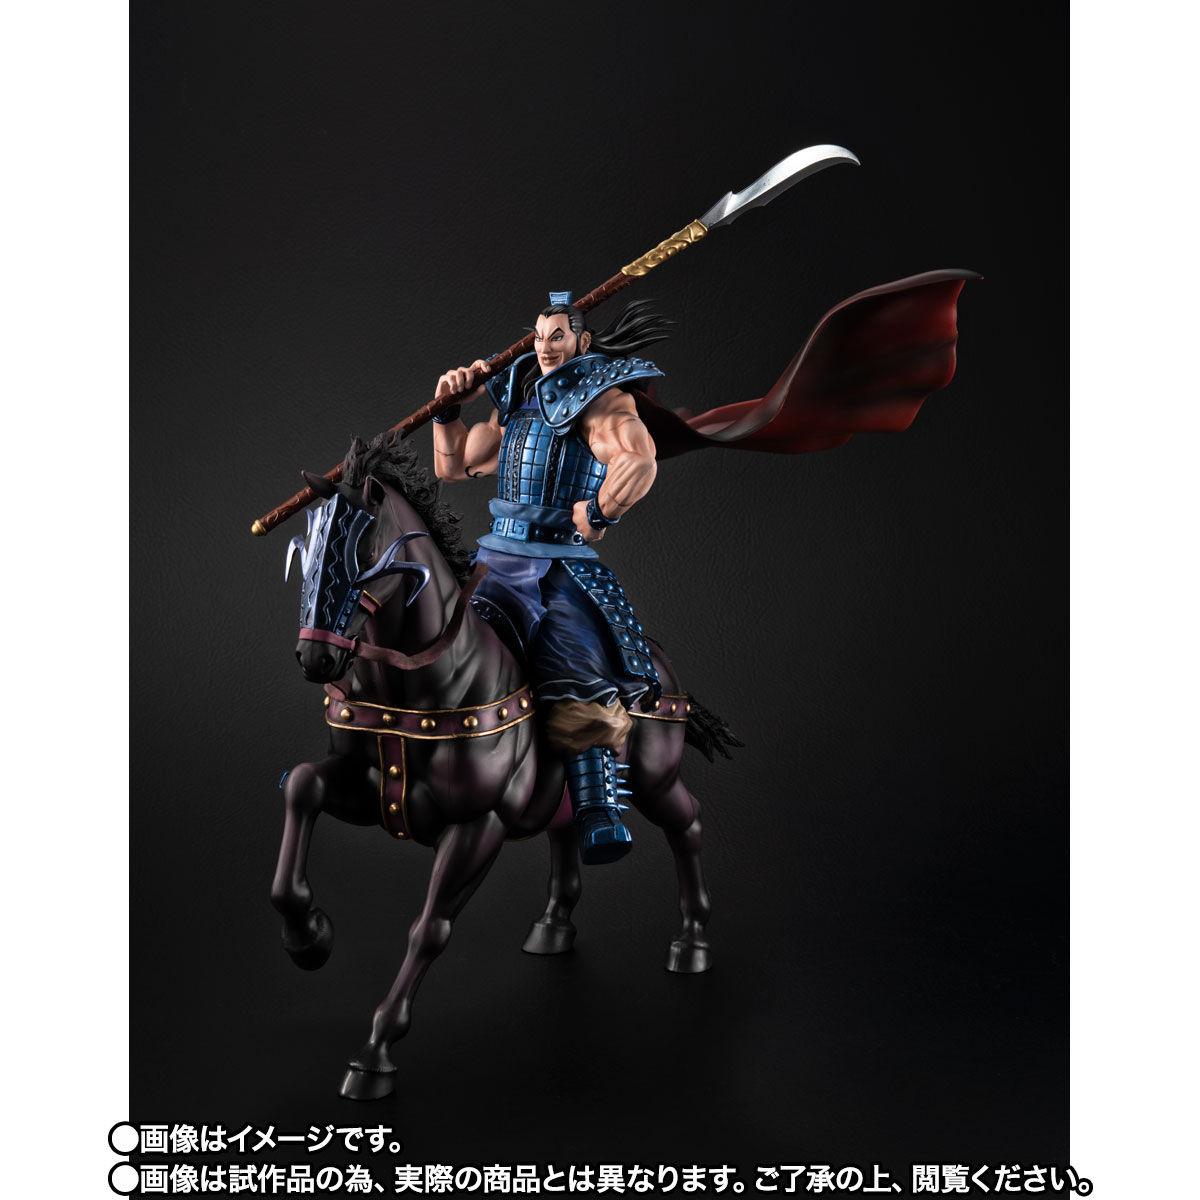 【限定販売】フィギュアーツZERO『王騎 -出陣-』キングダム 完成品フィギュア-003